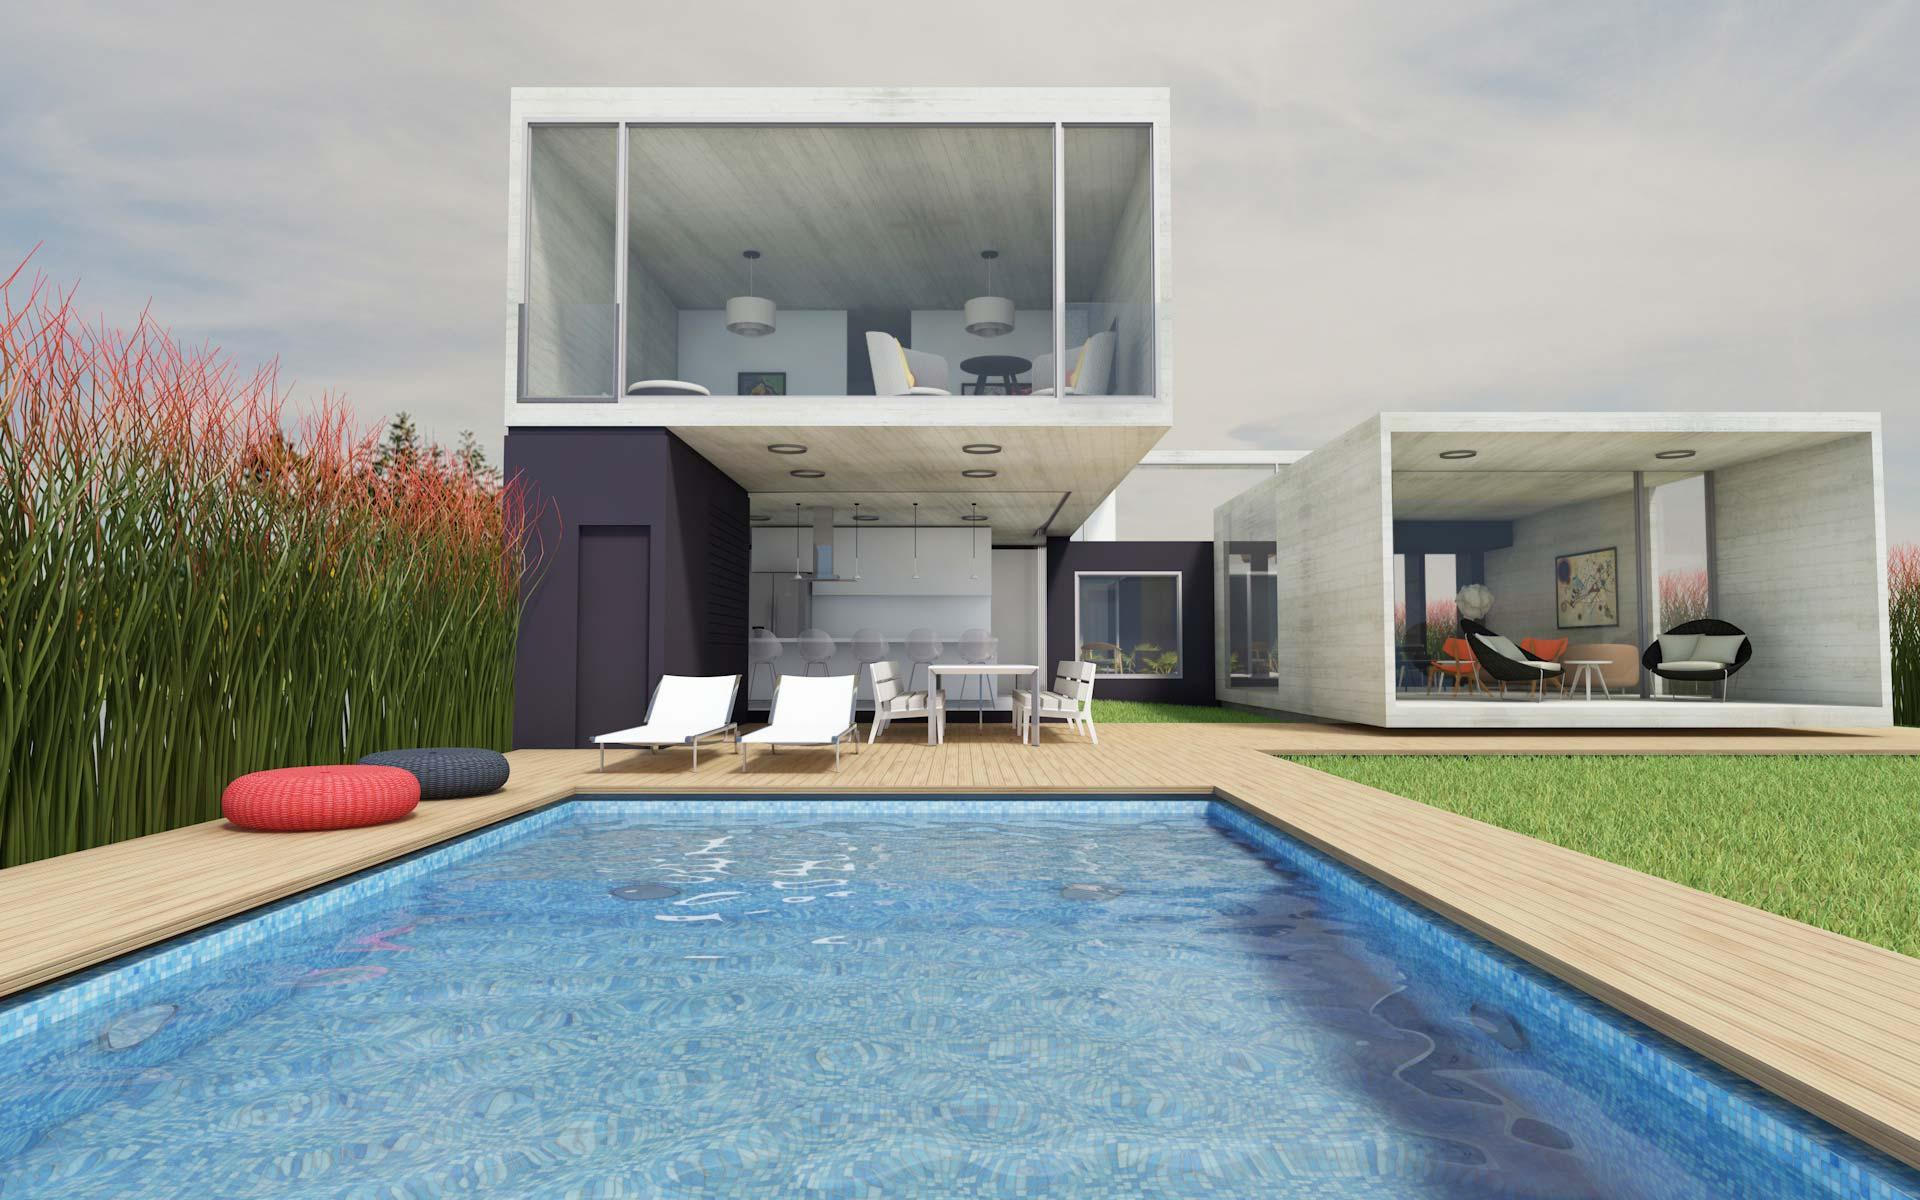 Arquitectura, casa de hormigón visto moderna en barrio privado desde la pileta de natación y deck